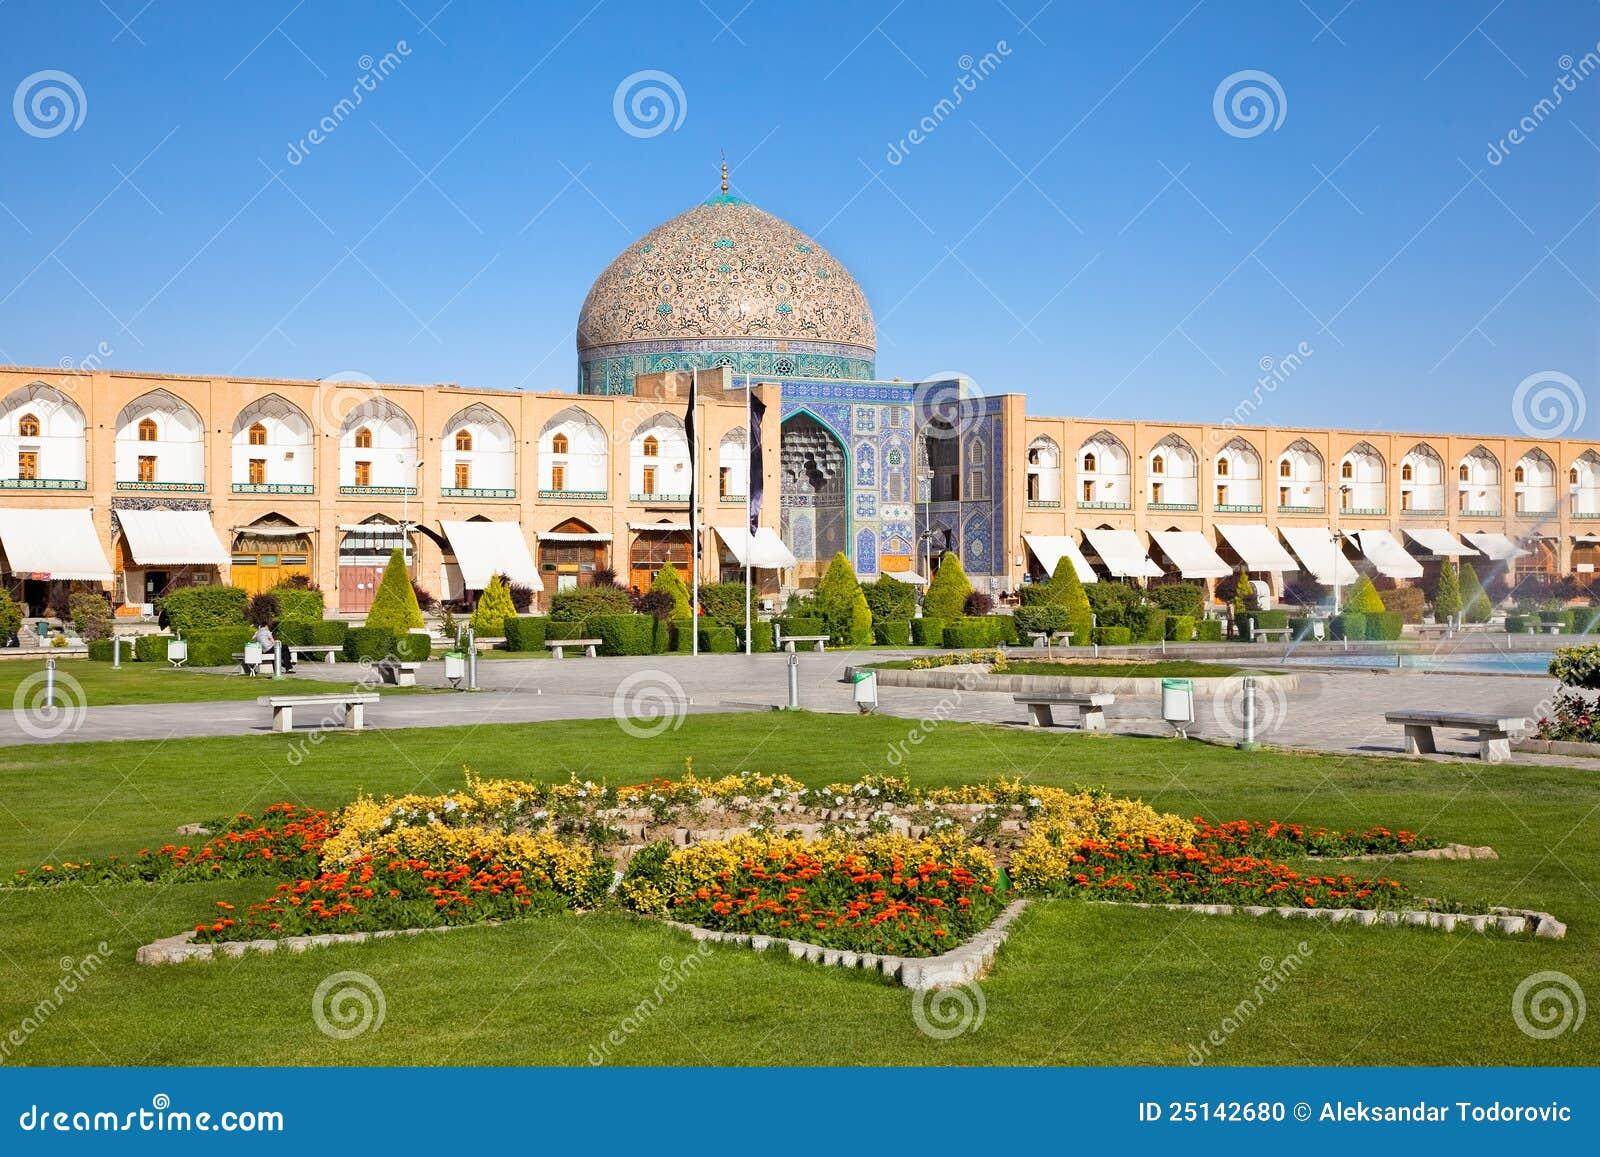 Mosquée Esfahan, Iran de cheik Lotfollah